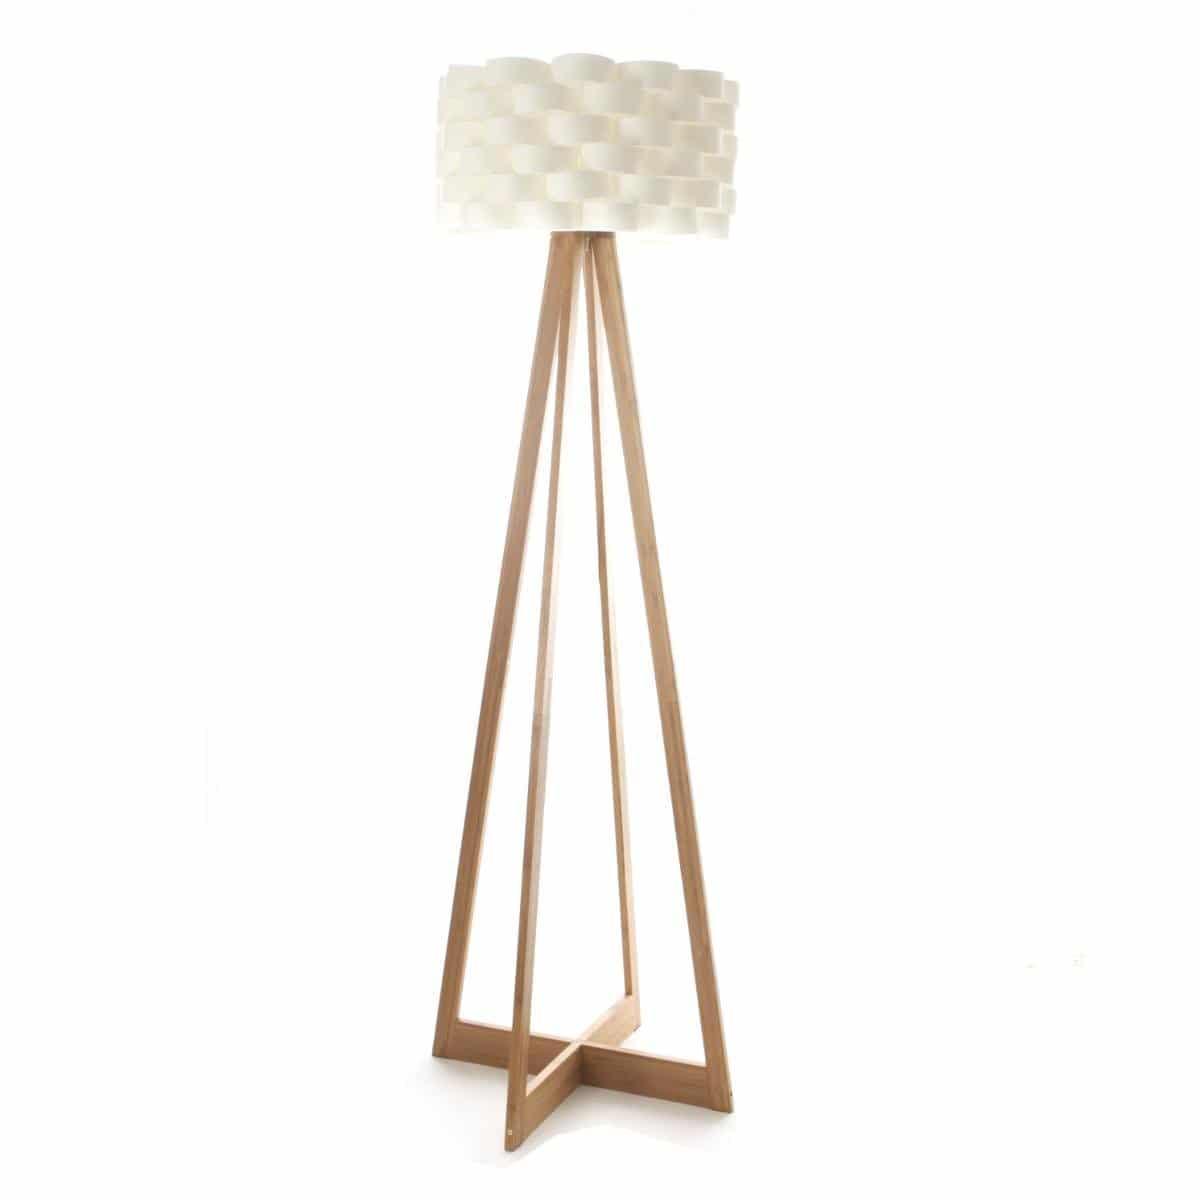 lampe scandinave les 35 mod les les plus recherch s du web 2018. Black Bedroom Furniture Sets. Home Design Ideas